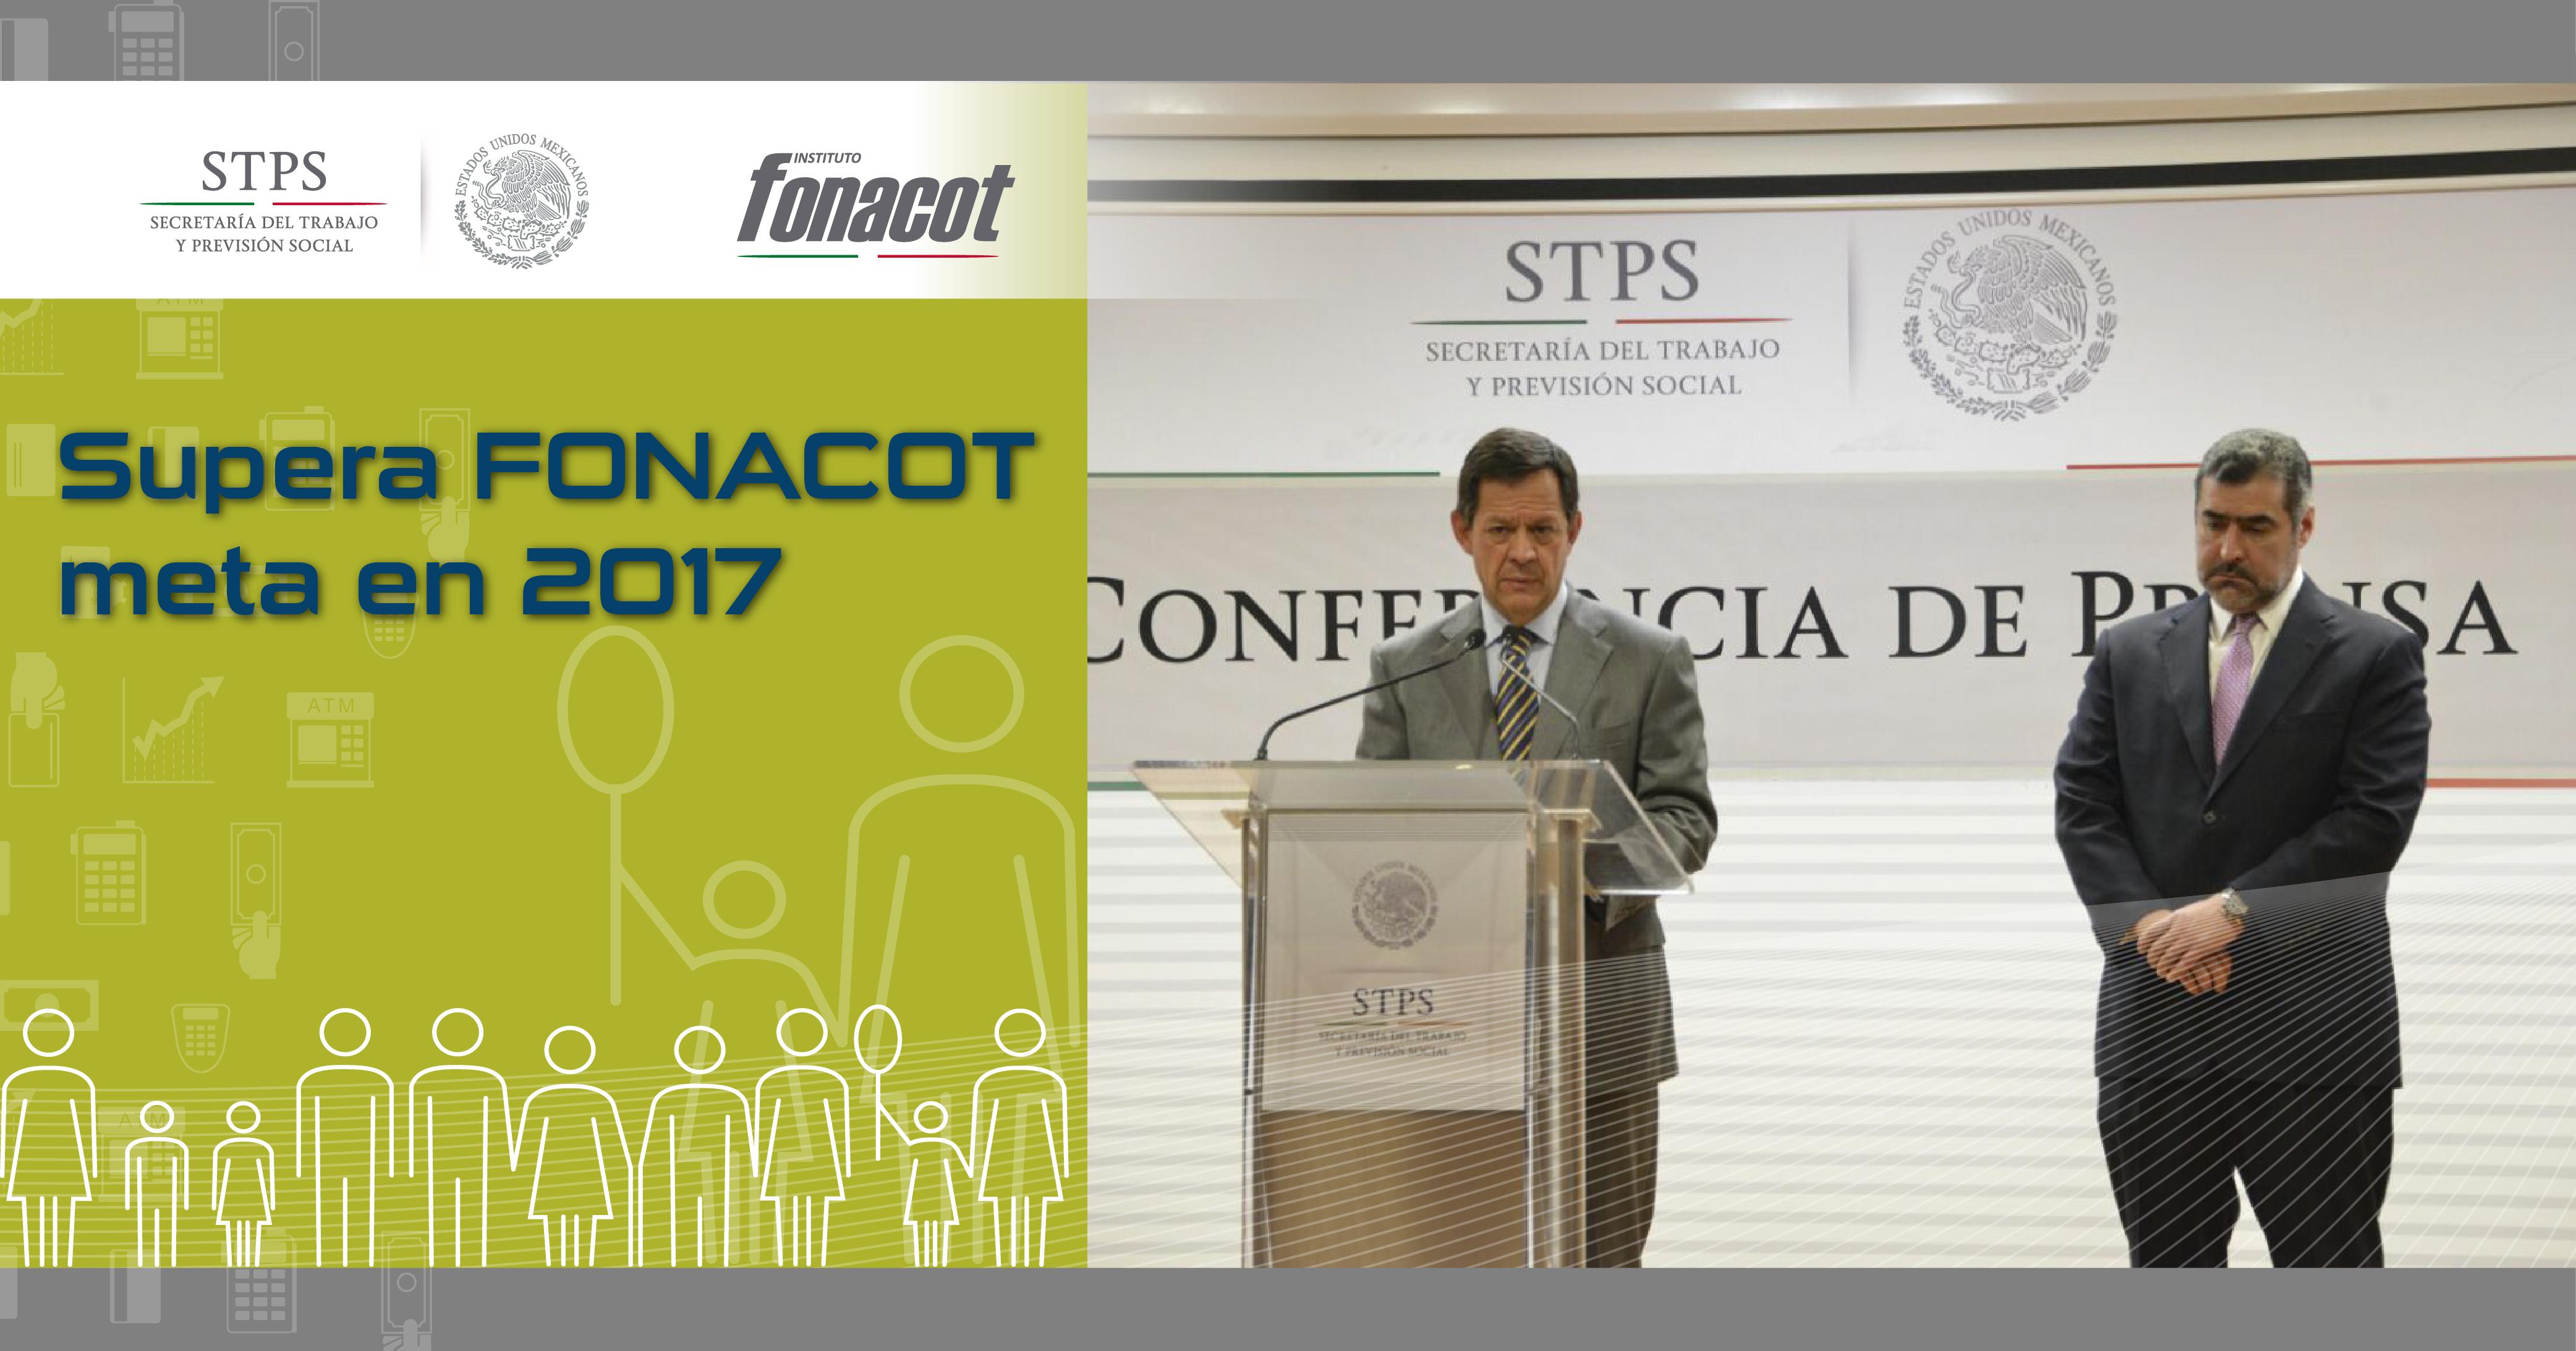 El Secretario del Trabajo y Previsión Social, Roberto Campa Cifrián junto con César Martínez Baranda, titular del INFONACOT, habla sobre logros y resultados del Instituto en conferencia de prensa